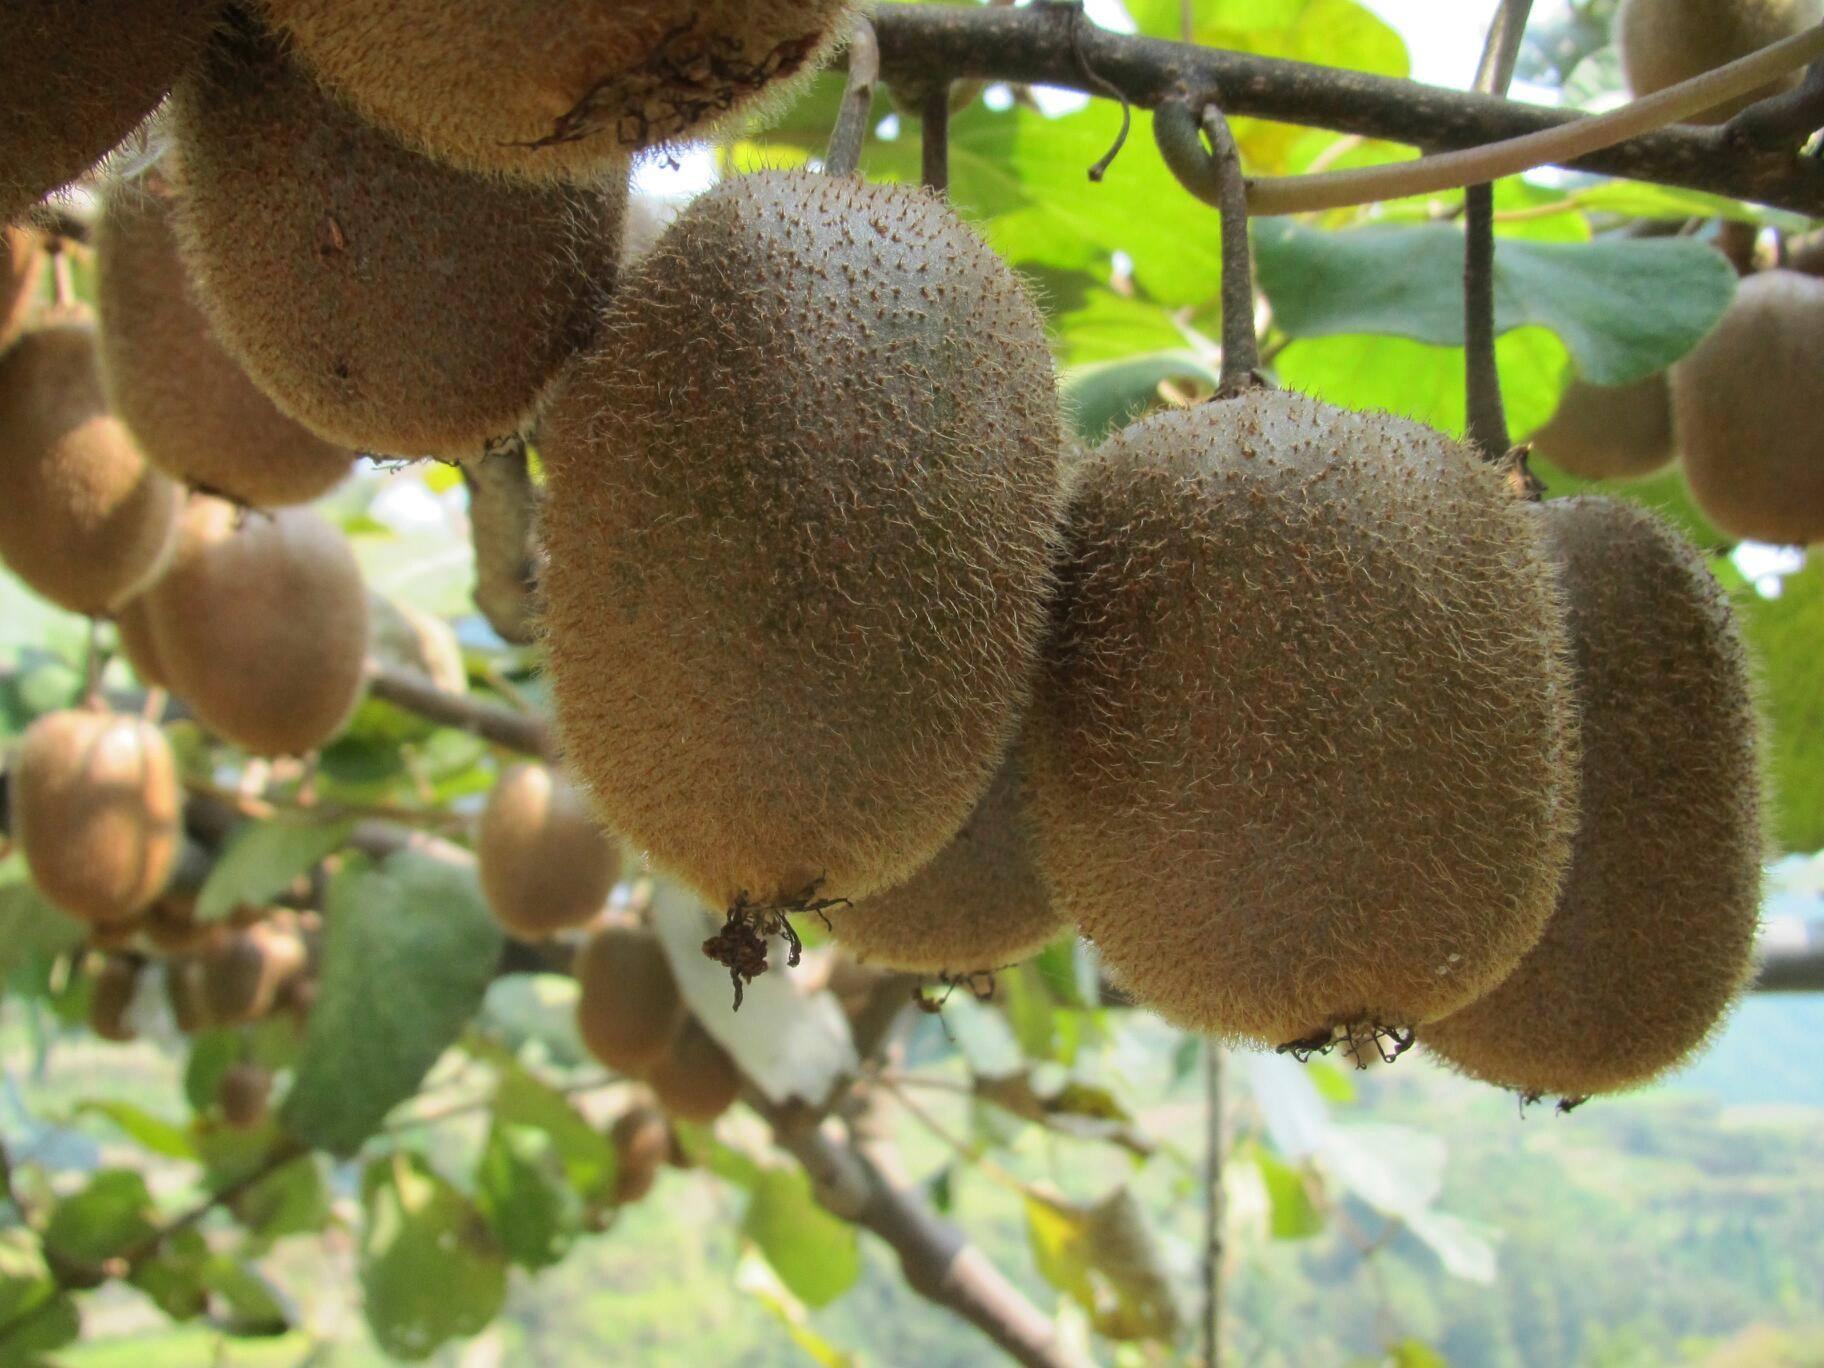 周至猕猴桃产地今日中雨